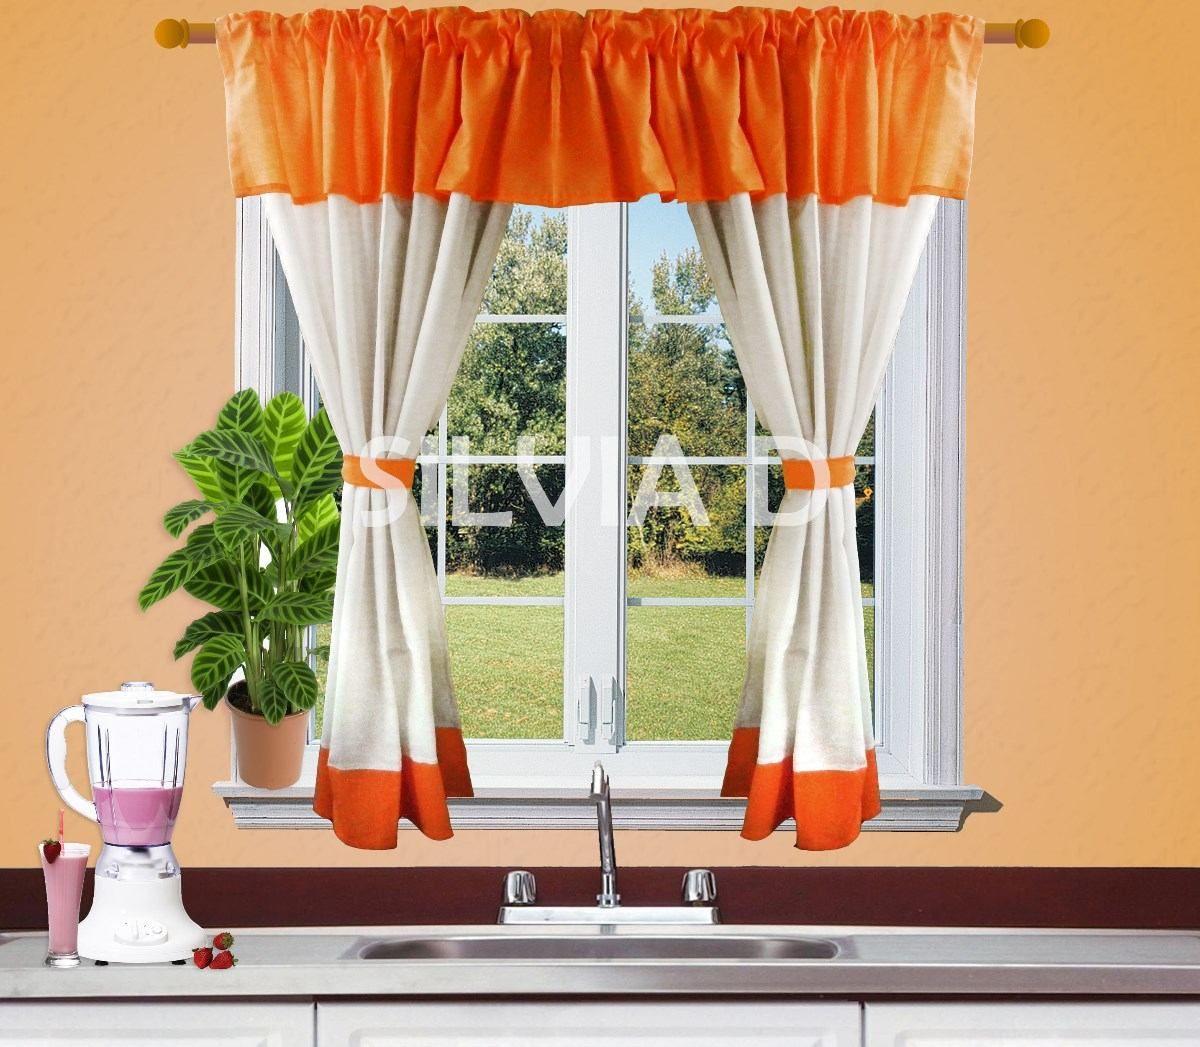 como hacer cortinas paso a paso gratis buscar con google